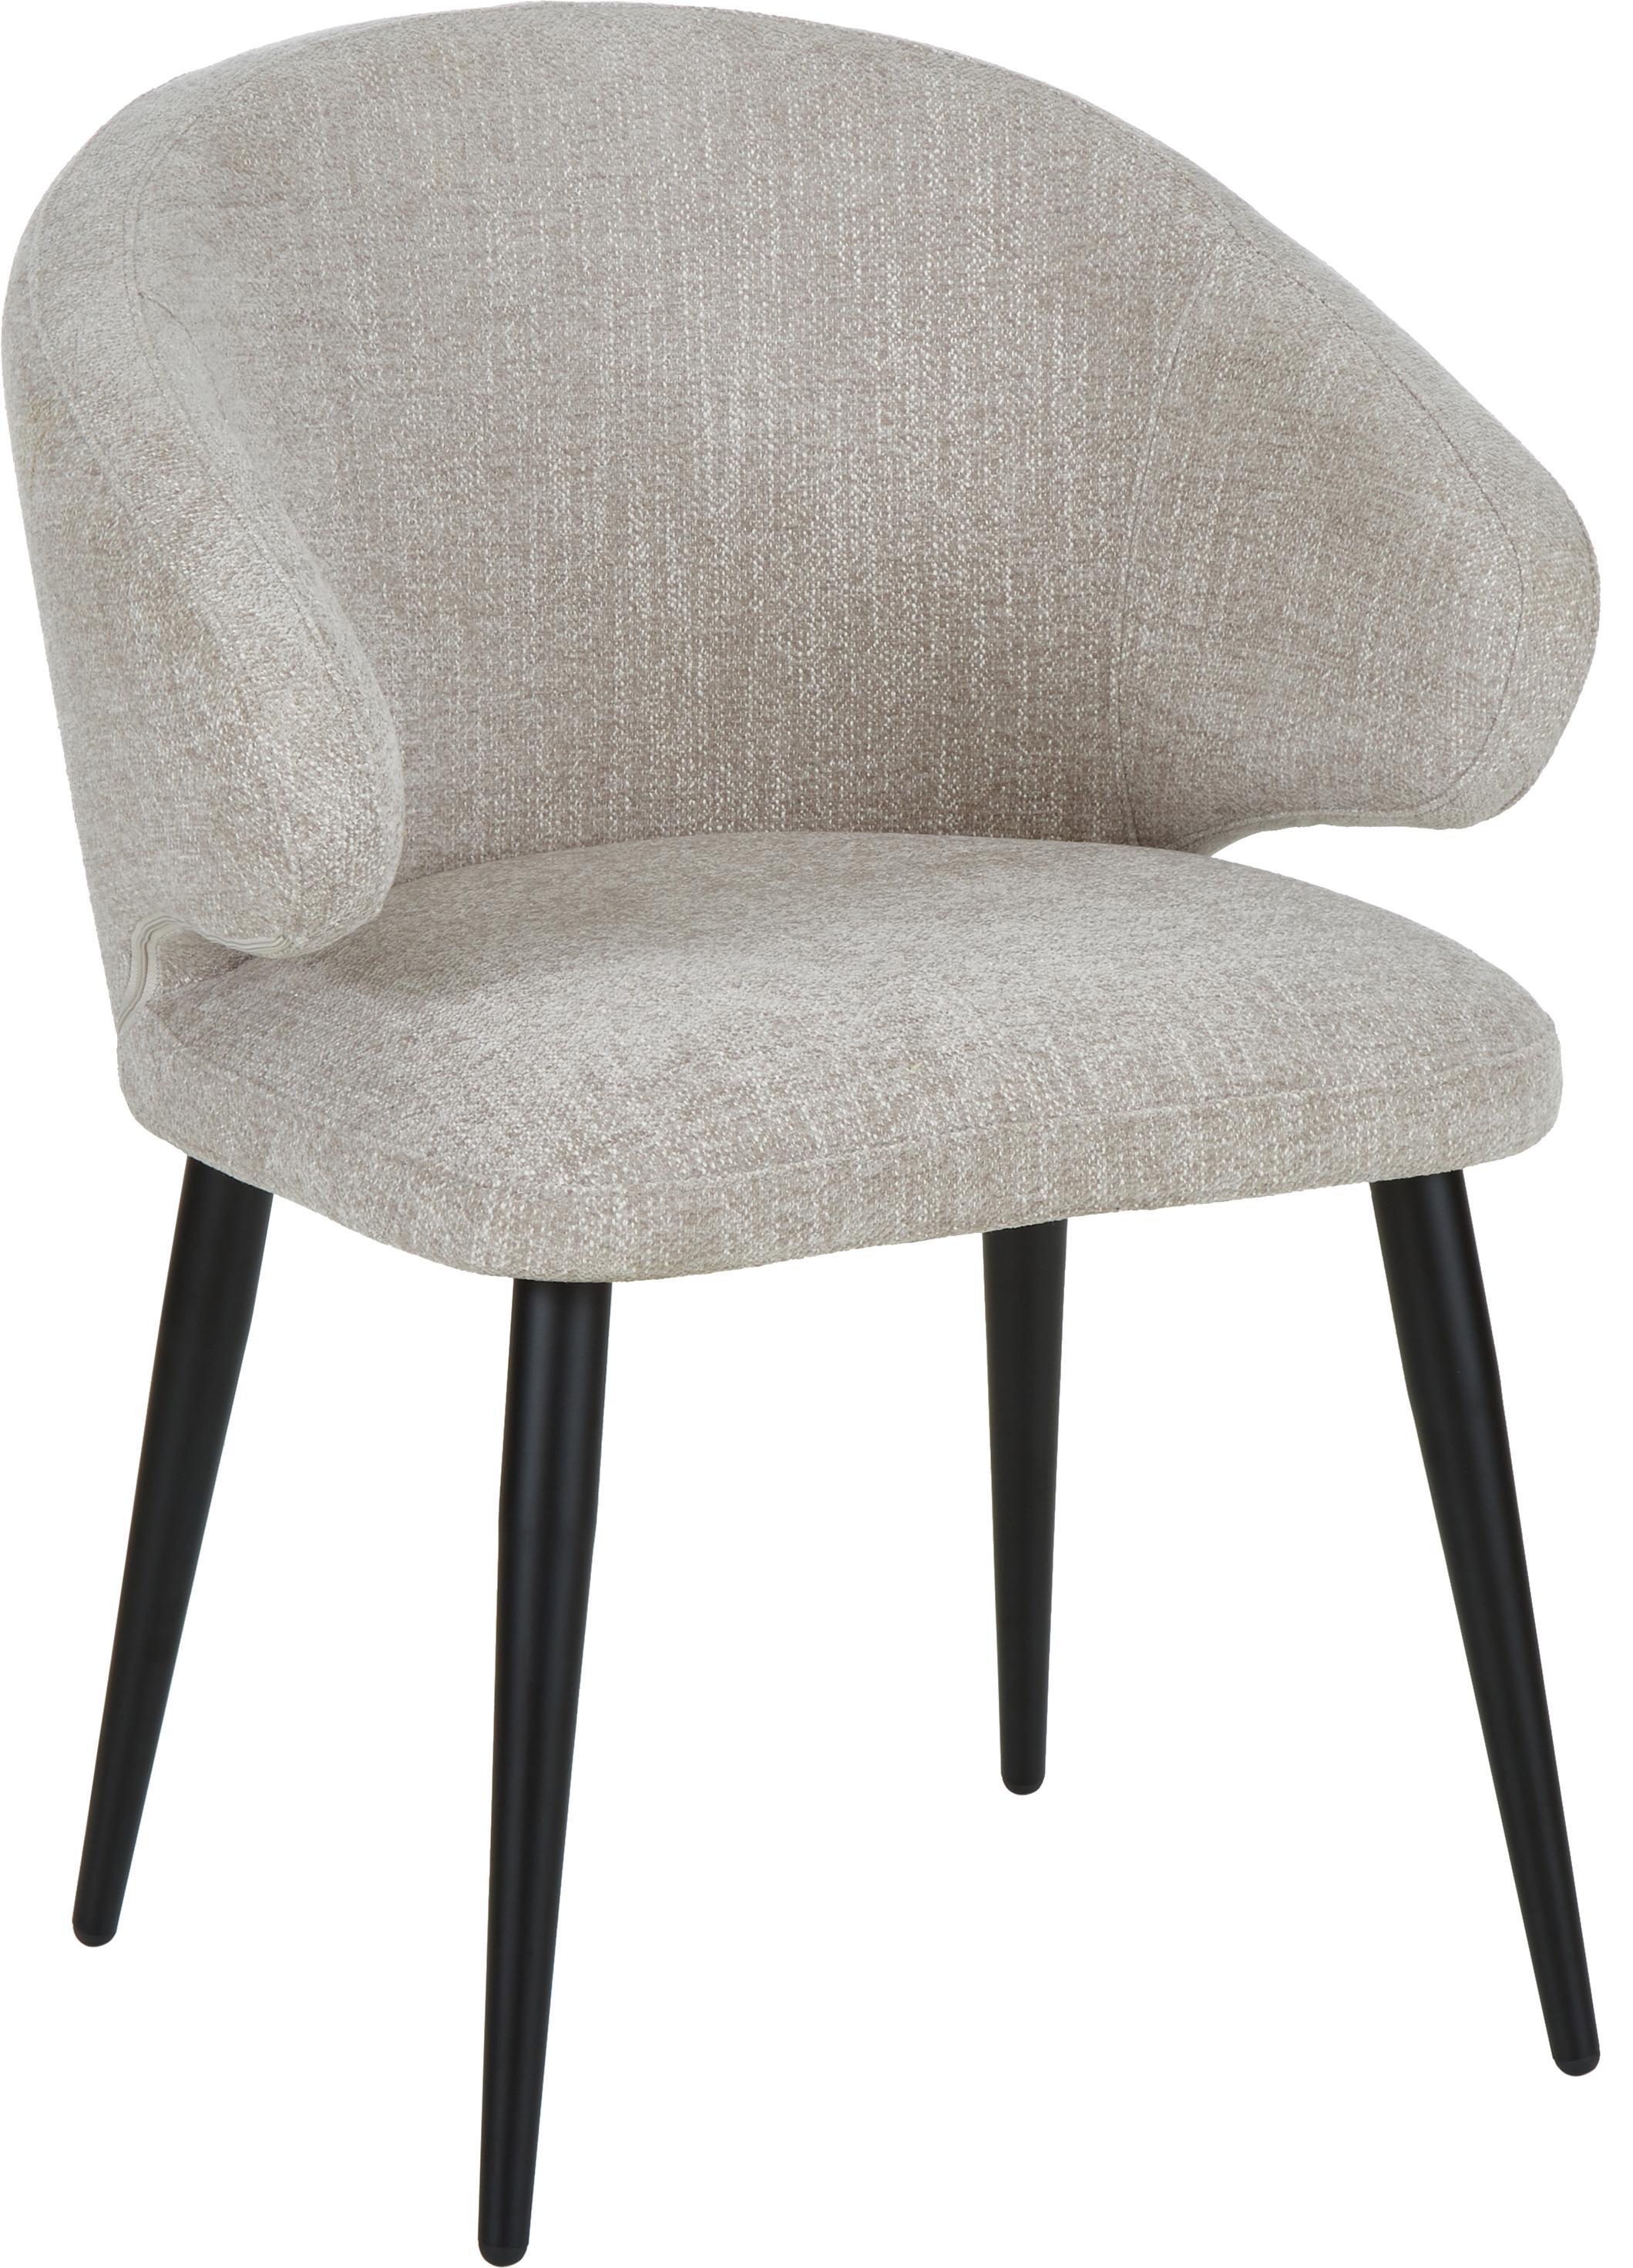 Armlehnstuhl Celia in modernem Design, Bezug: Textil (80% Polyester, 20, Beine: Metall, pulverbeschichtet, Webstoff Hellgrau, B 57 x T 62 cm